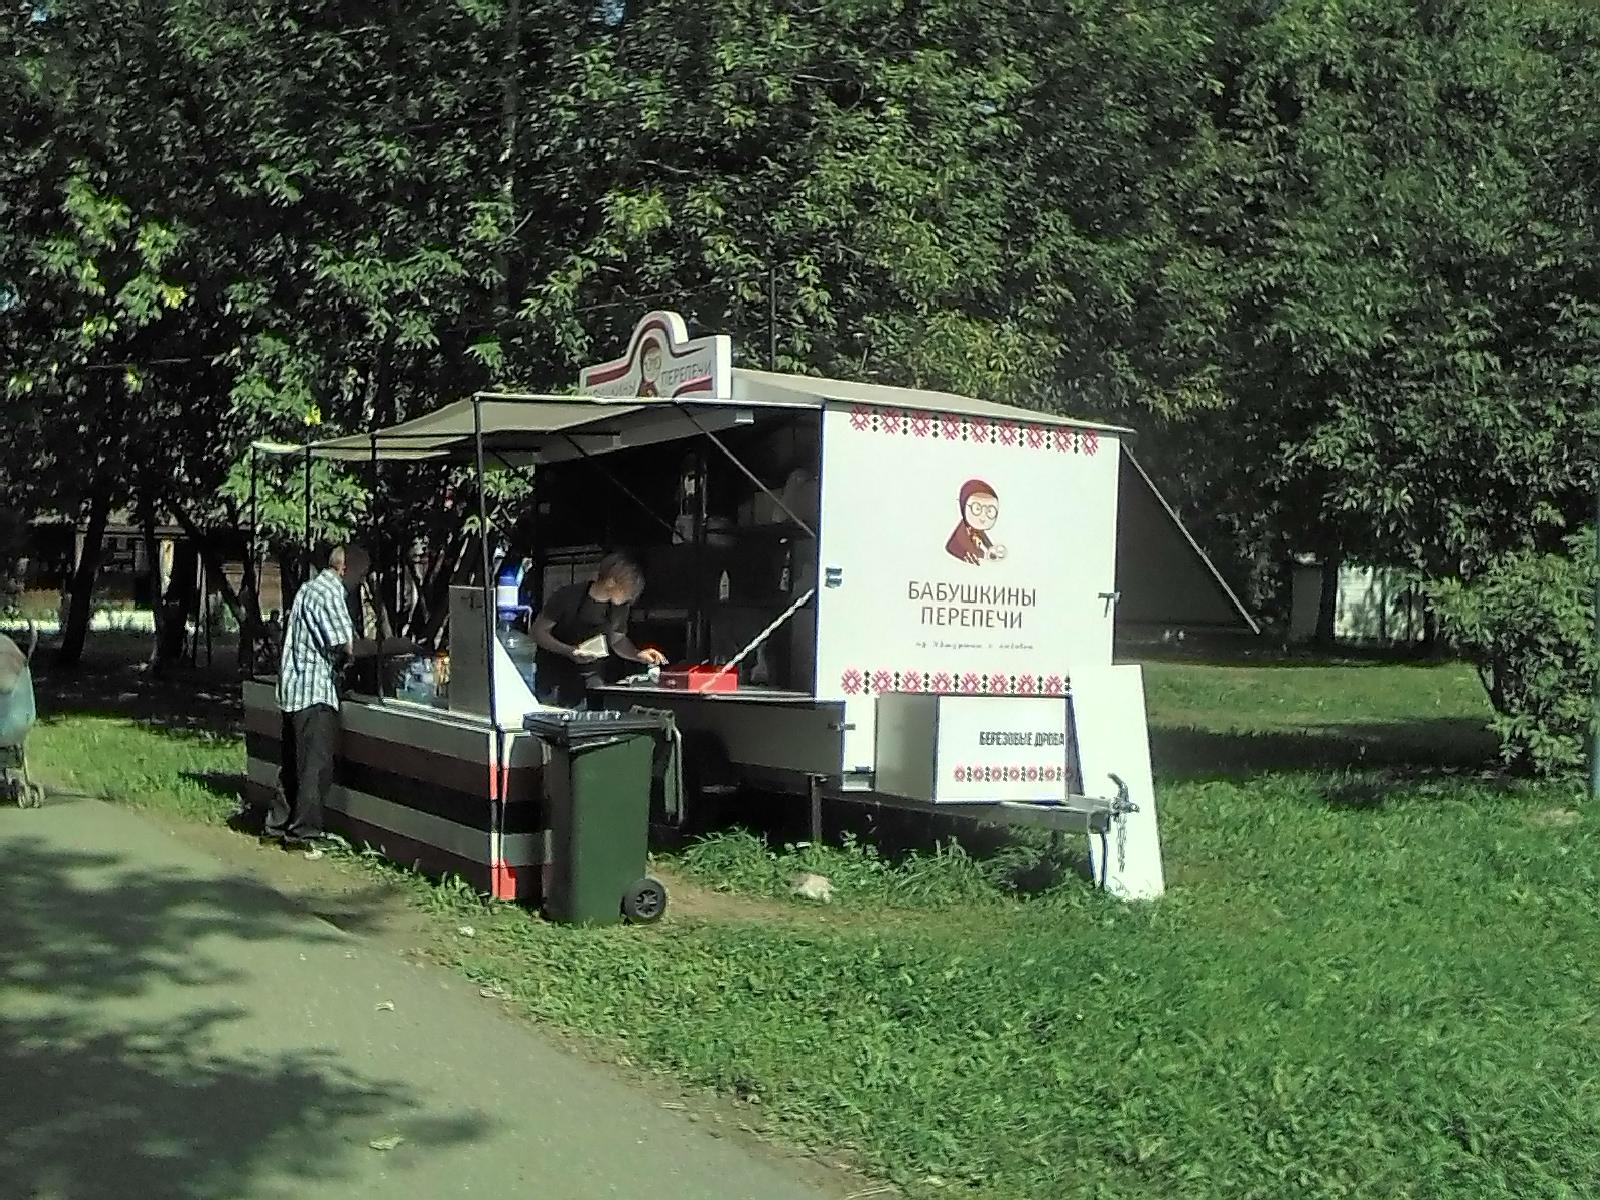 Новая торговая точка в Козьем парке Ижевска